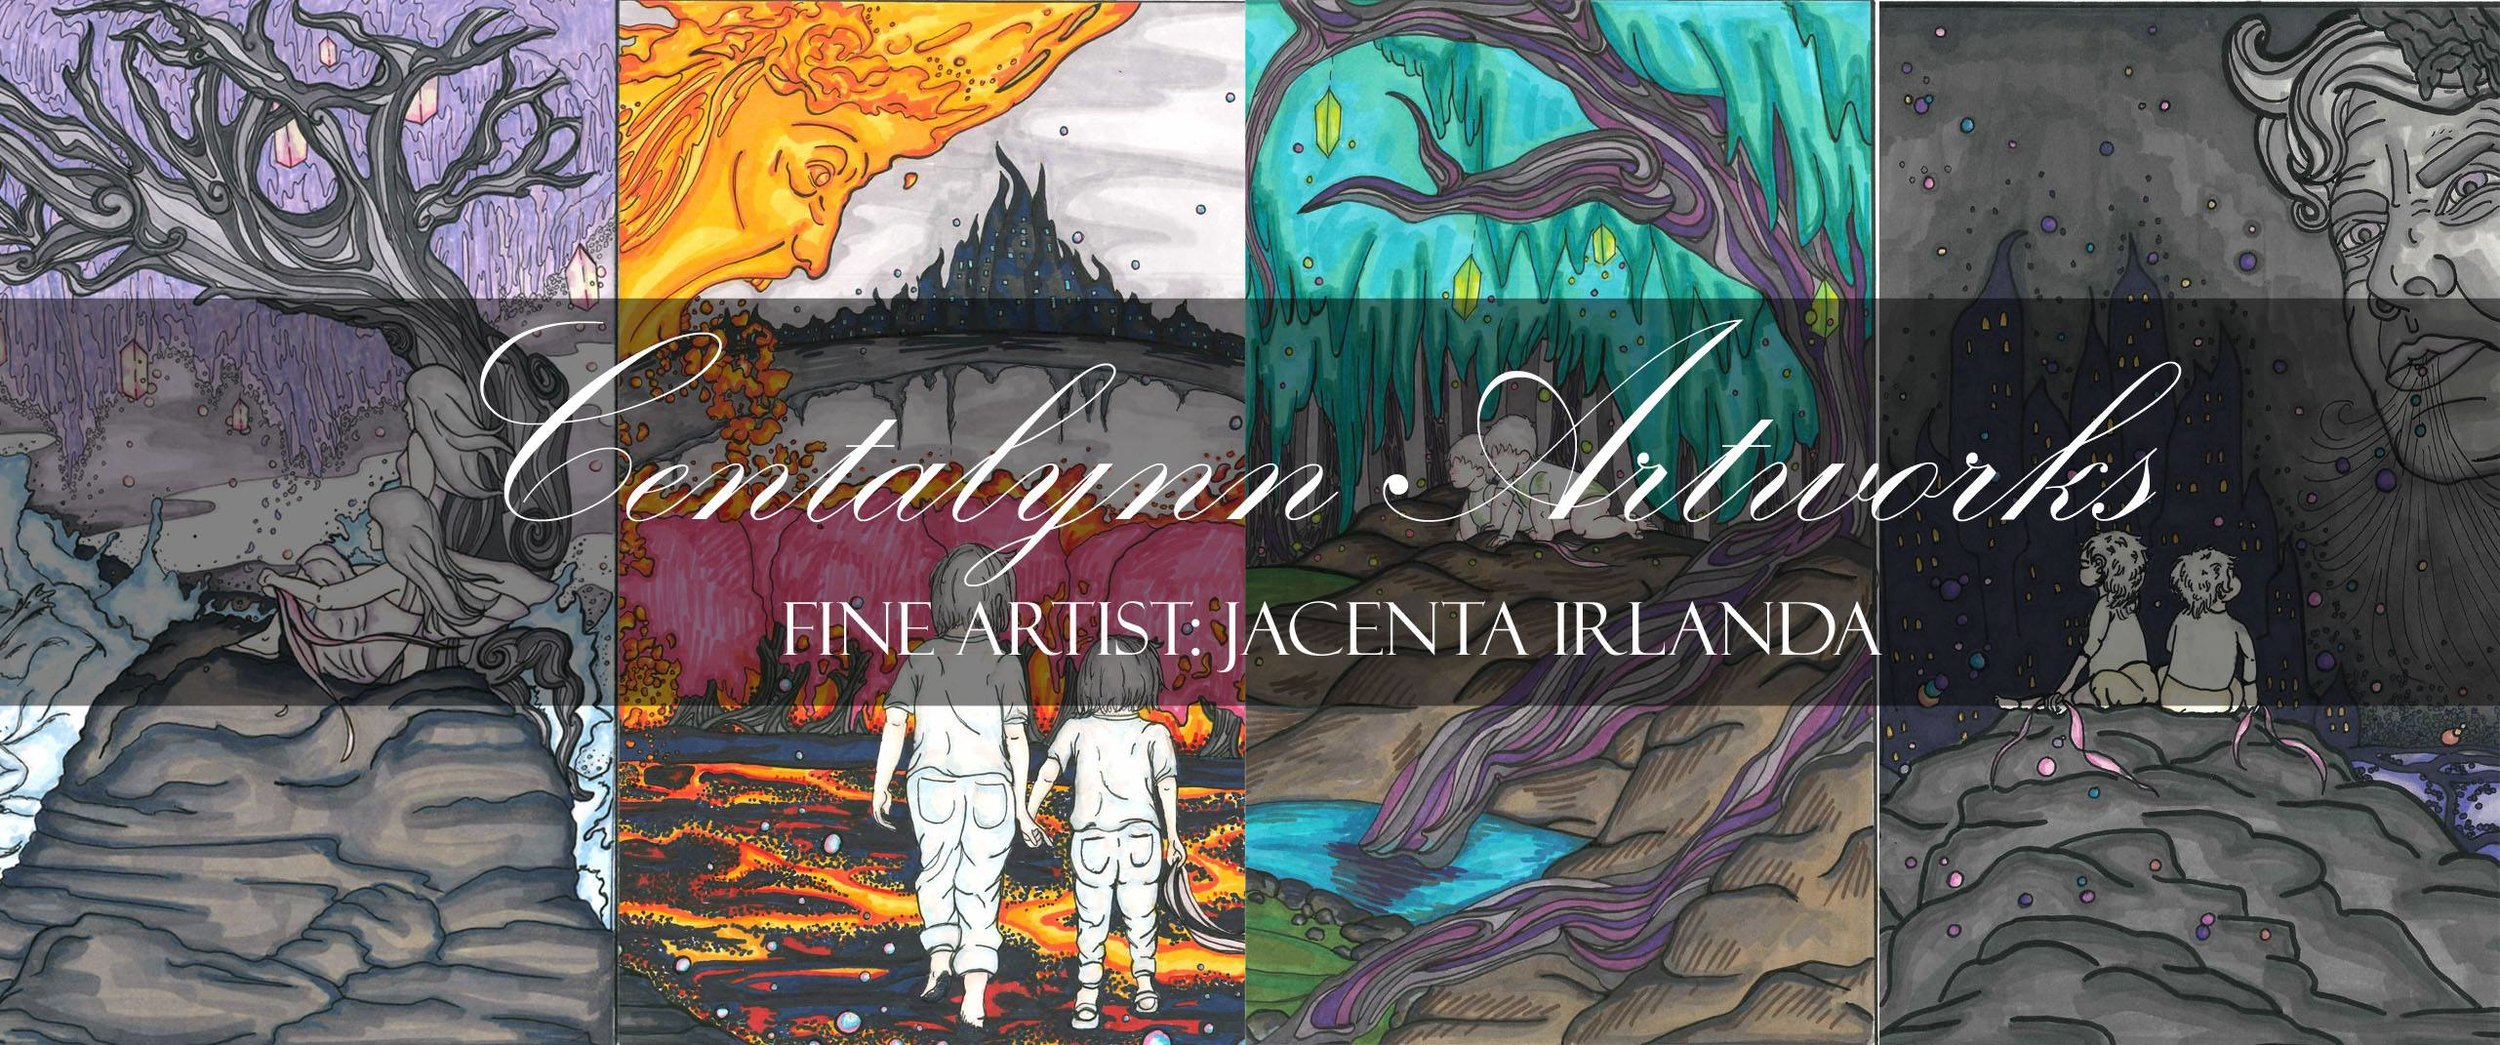 Centalynn Artworks - Fine Artist Jacenta Irlanda